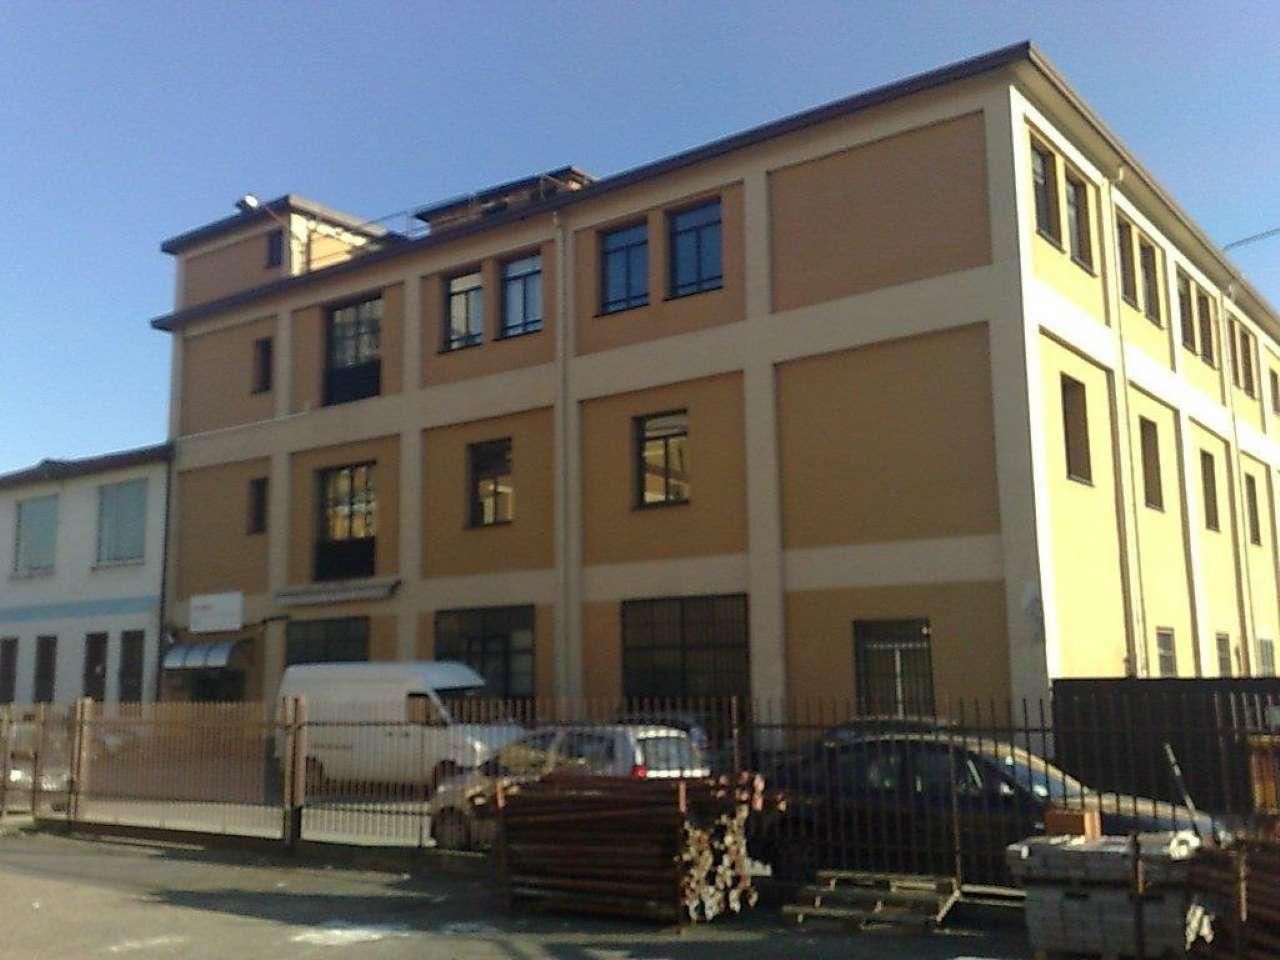 Capannone in vendita a Cusano Milanino, 9999 locali, prezzo € 550.000 | Cambio Casa.it